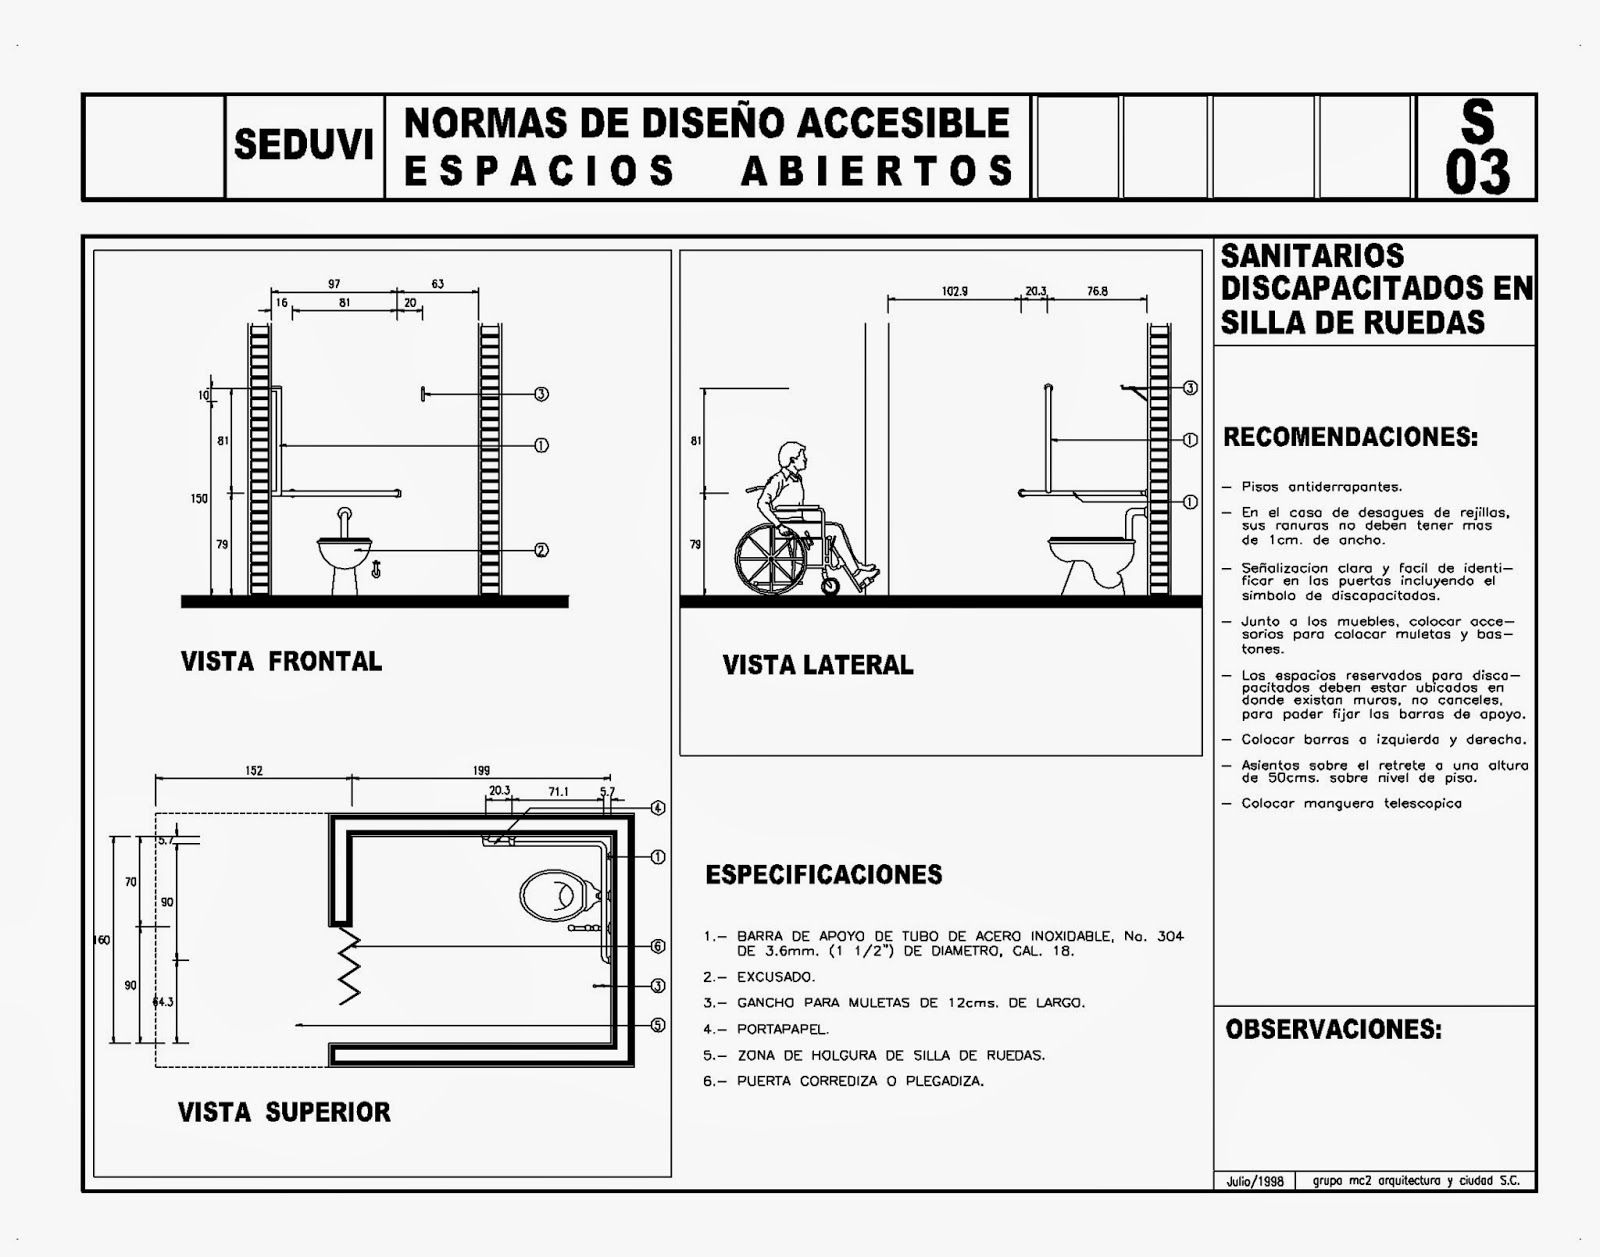 Diseno De Bano Para Discapacitados Todo Para El Arqui Normas Diseno Discapacitados 5 Seduvi Autoc Bano Para Discapacitados Disenos De Unas Diseno De Banos